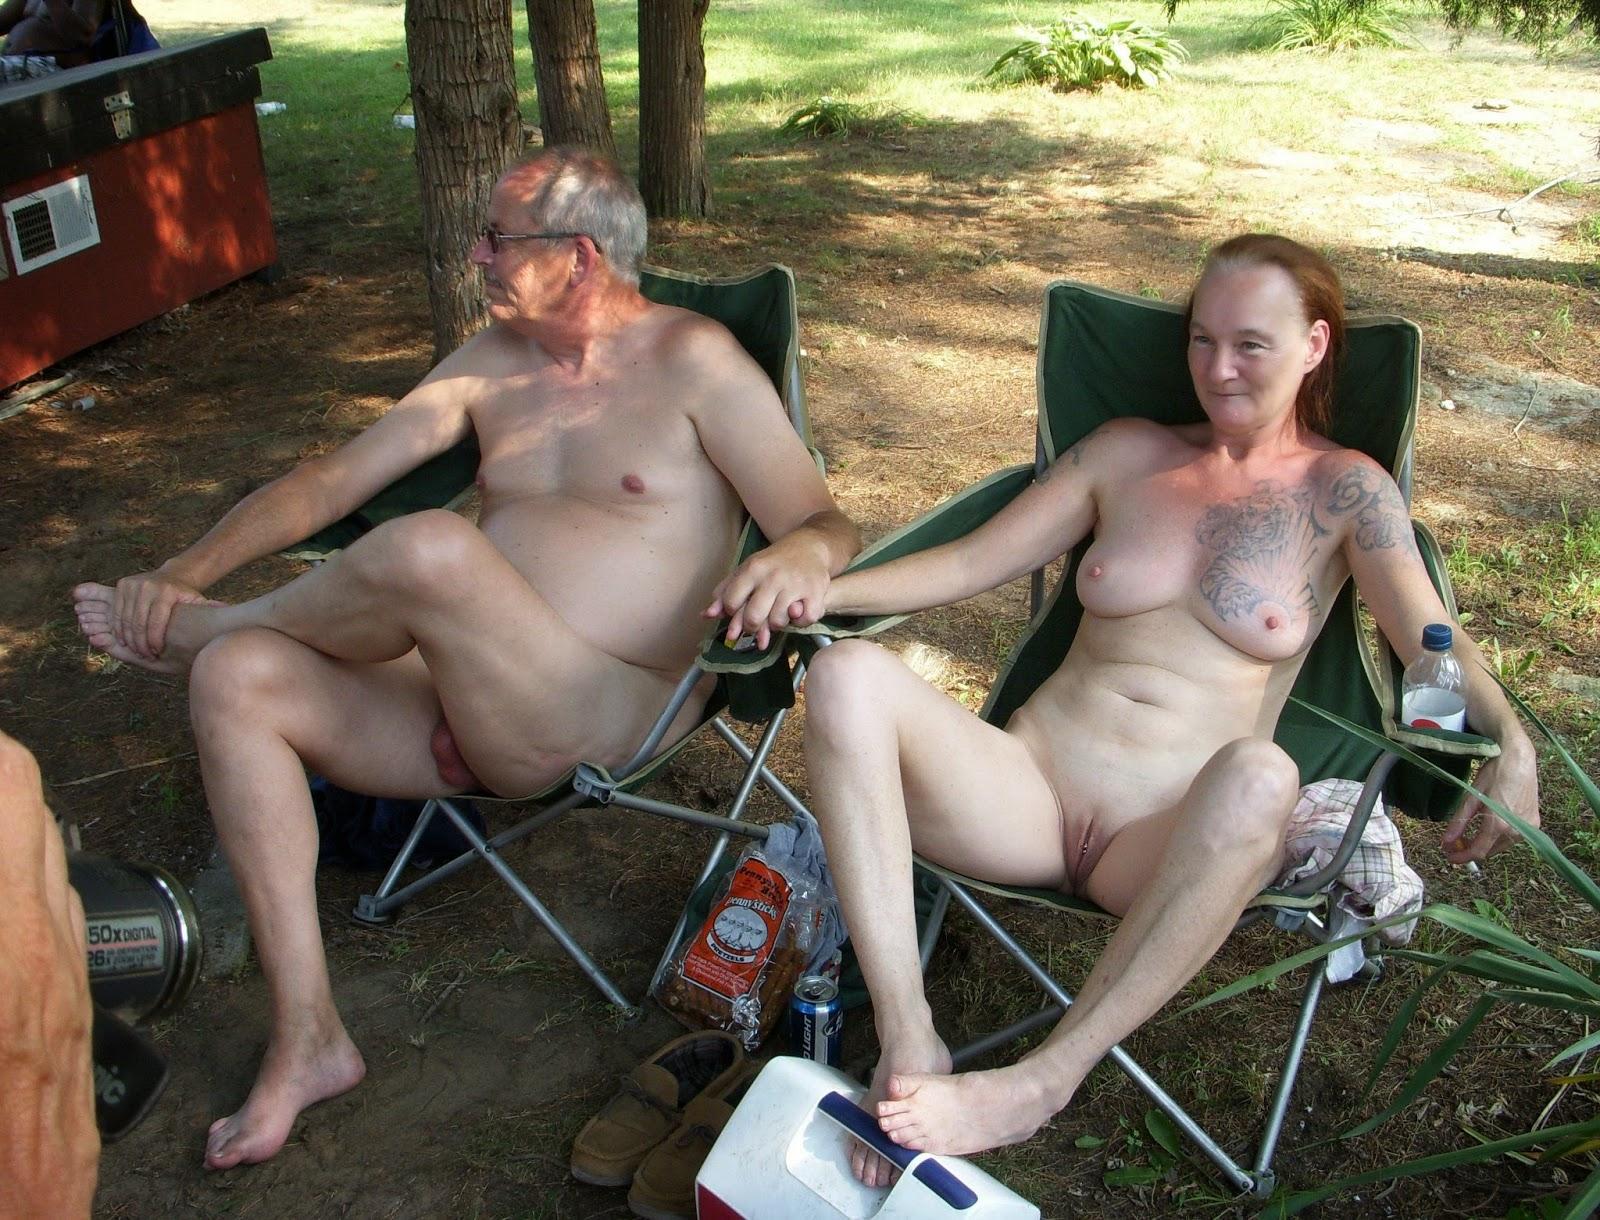 Boobs Elderly Gay Nudes Scenes